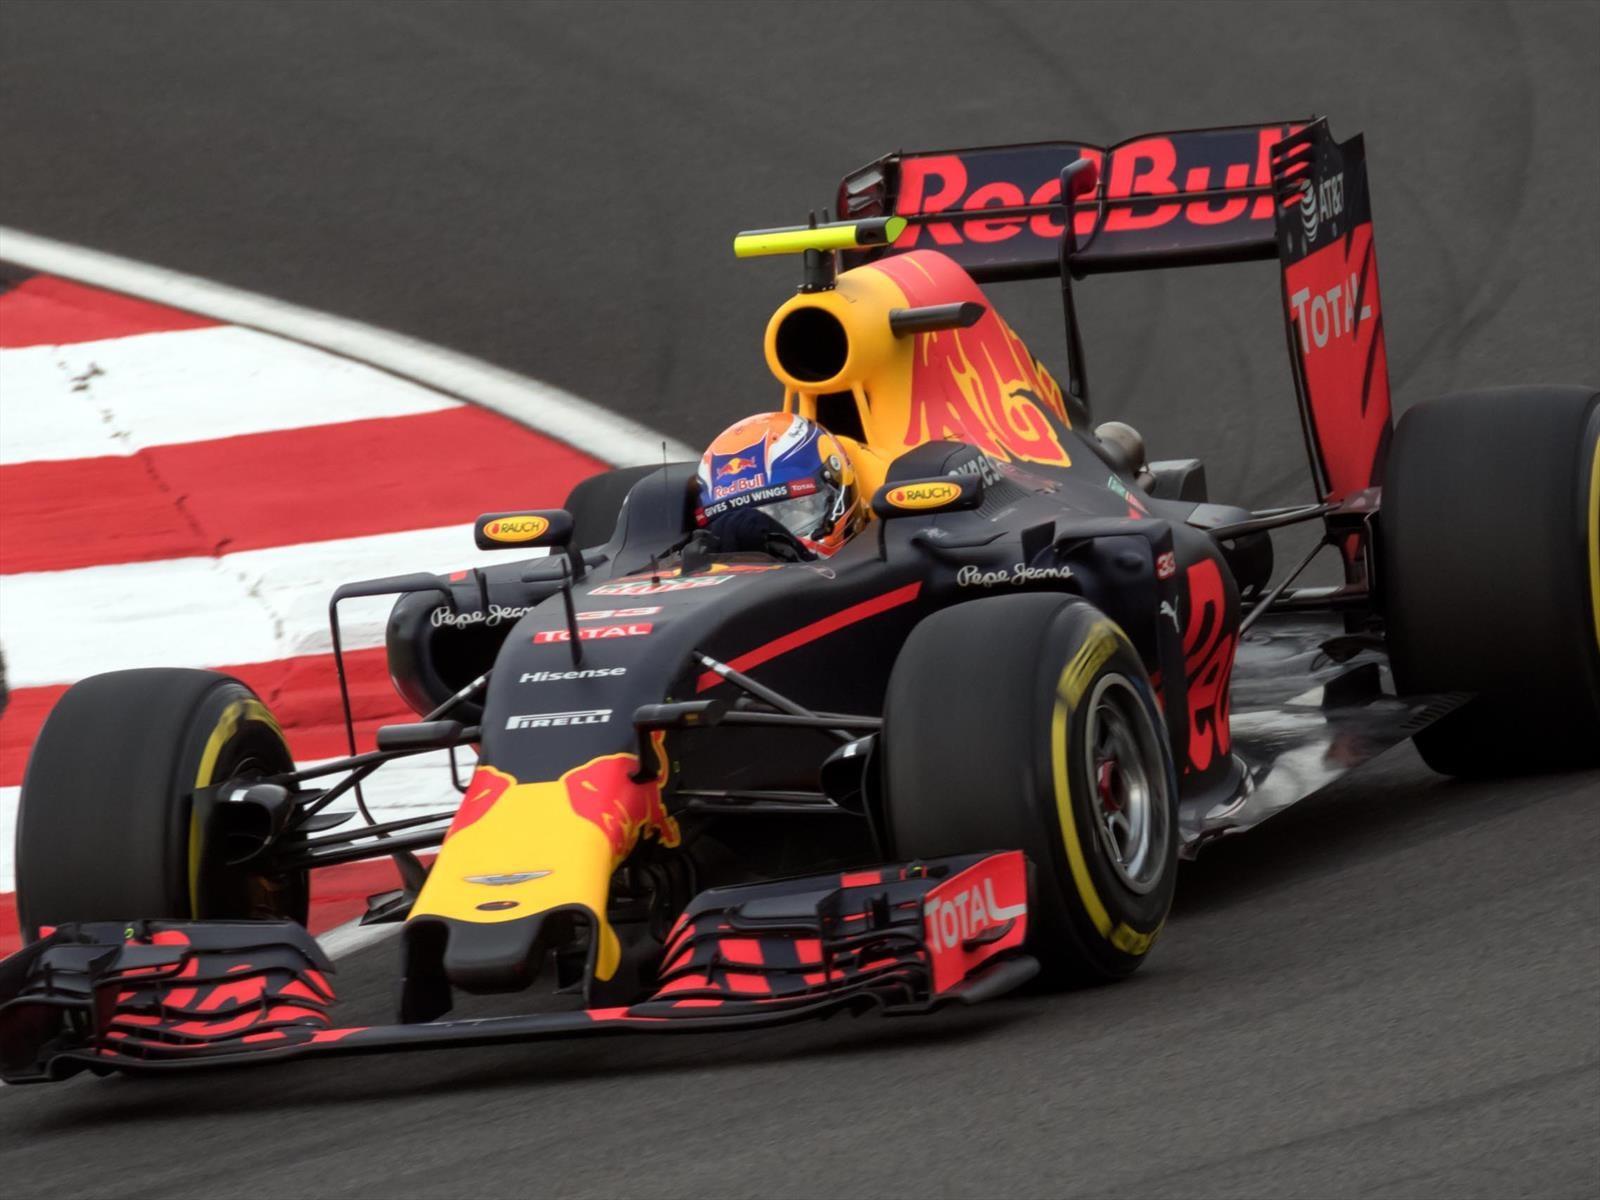 Video: ¡Arranca! Max Verstappen y sus mejores salidas de la F1